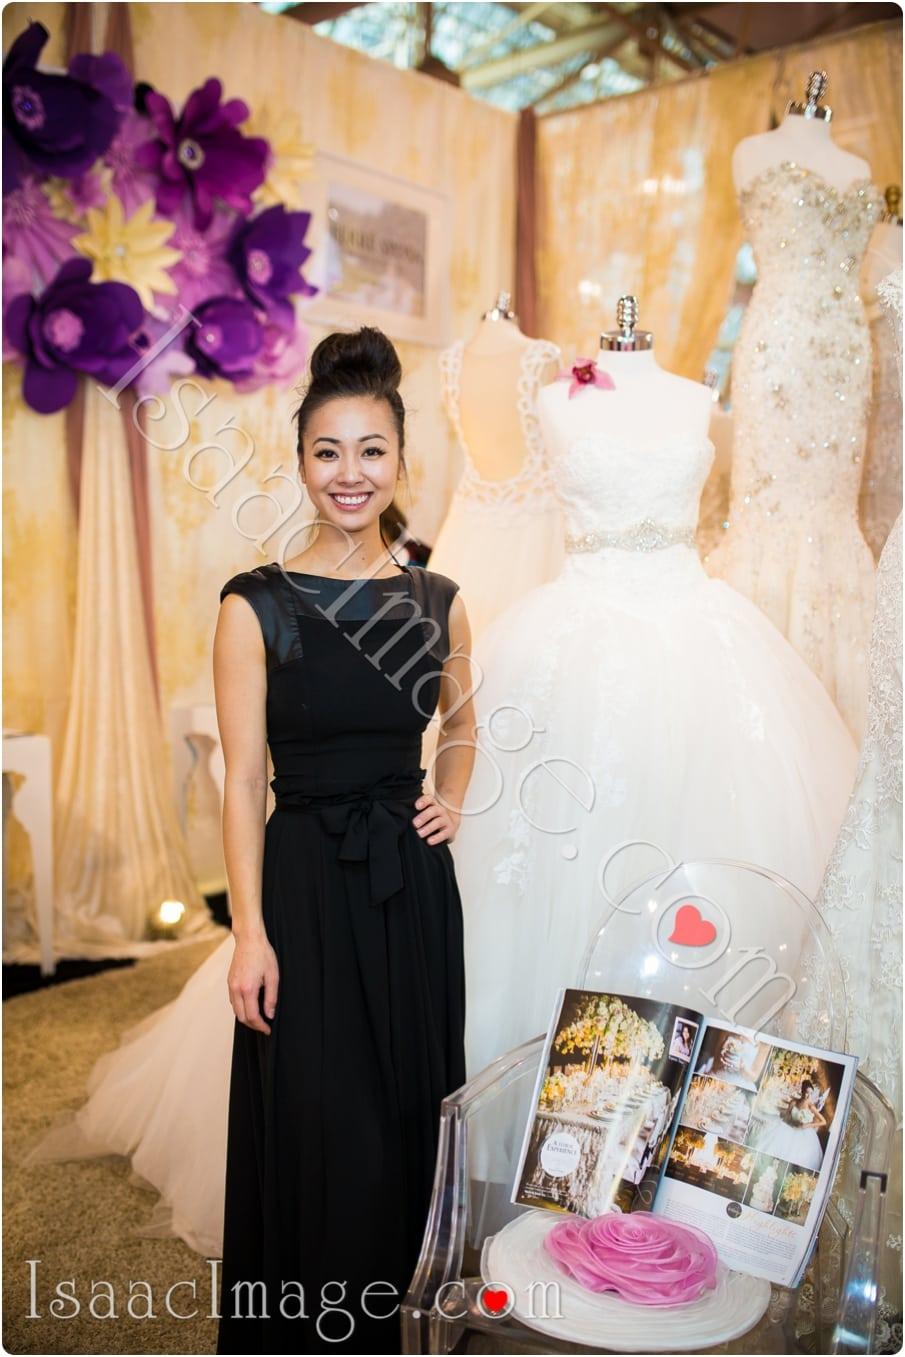 _IIX2569_canadas bridal show isaacimage.jpg